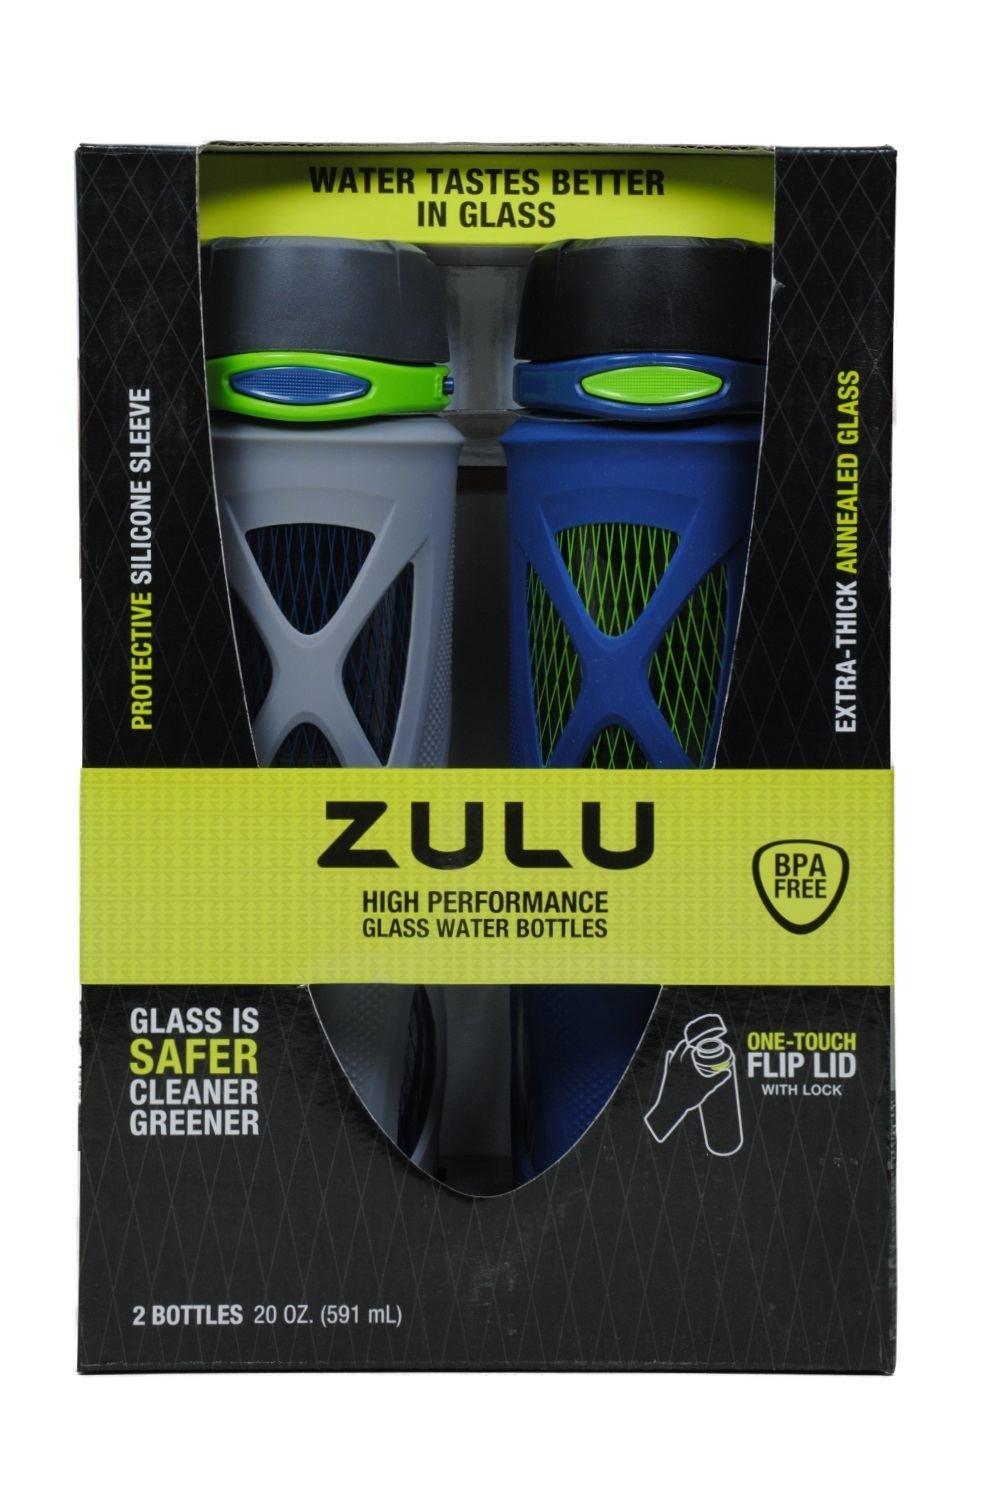 eff4d0c9712 Zulu 20oz High Performance Glass Water Bottles Blue